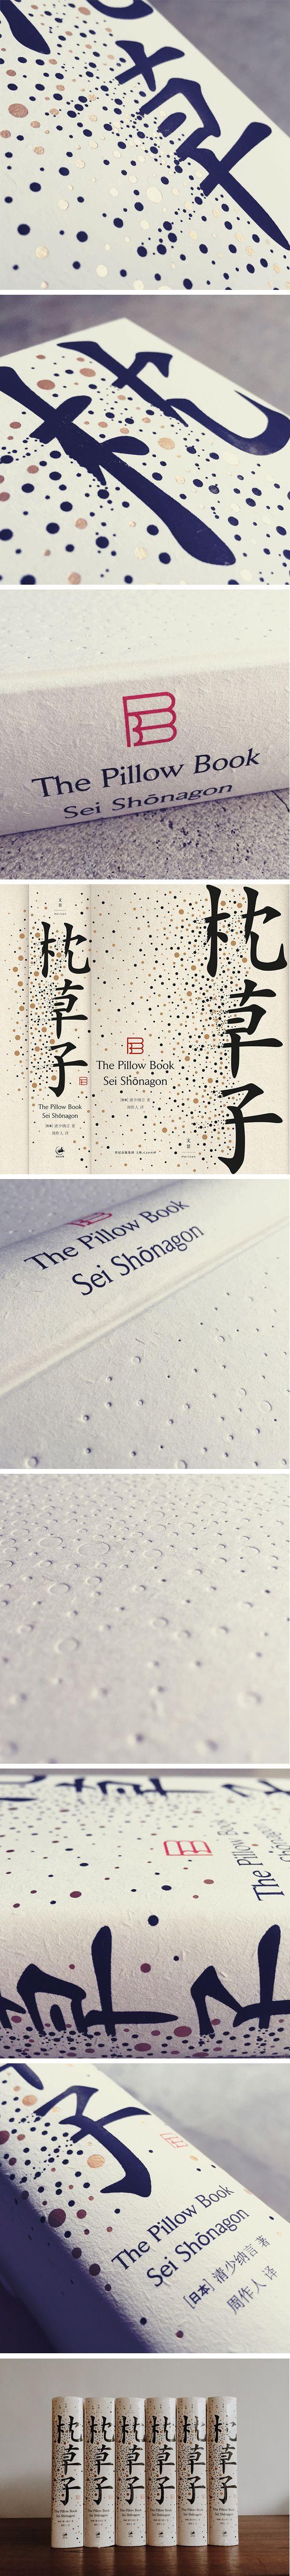 書籍設計:王志弘 - 枕草子